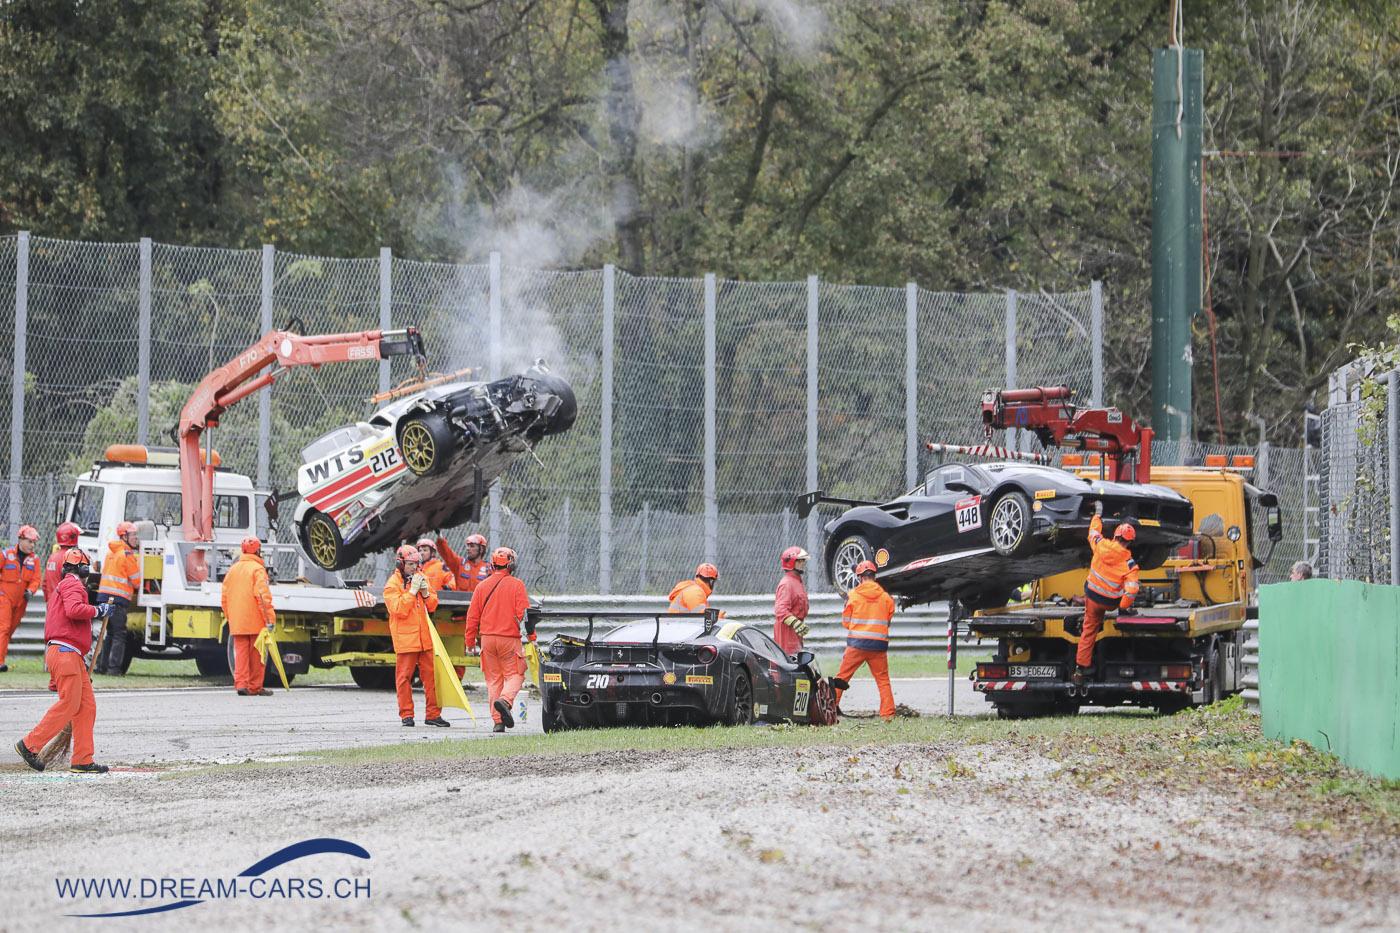 Finali Mondiali 2018 Monza, Crash in der Prima Variante